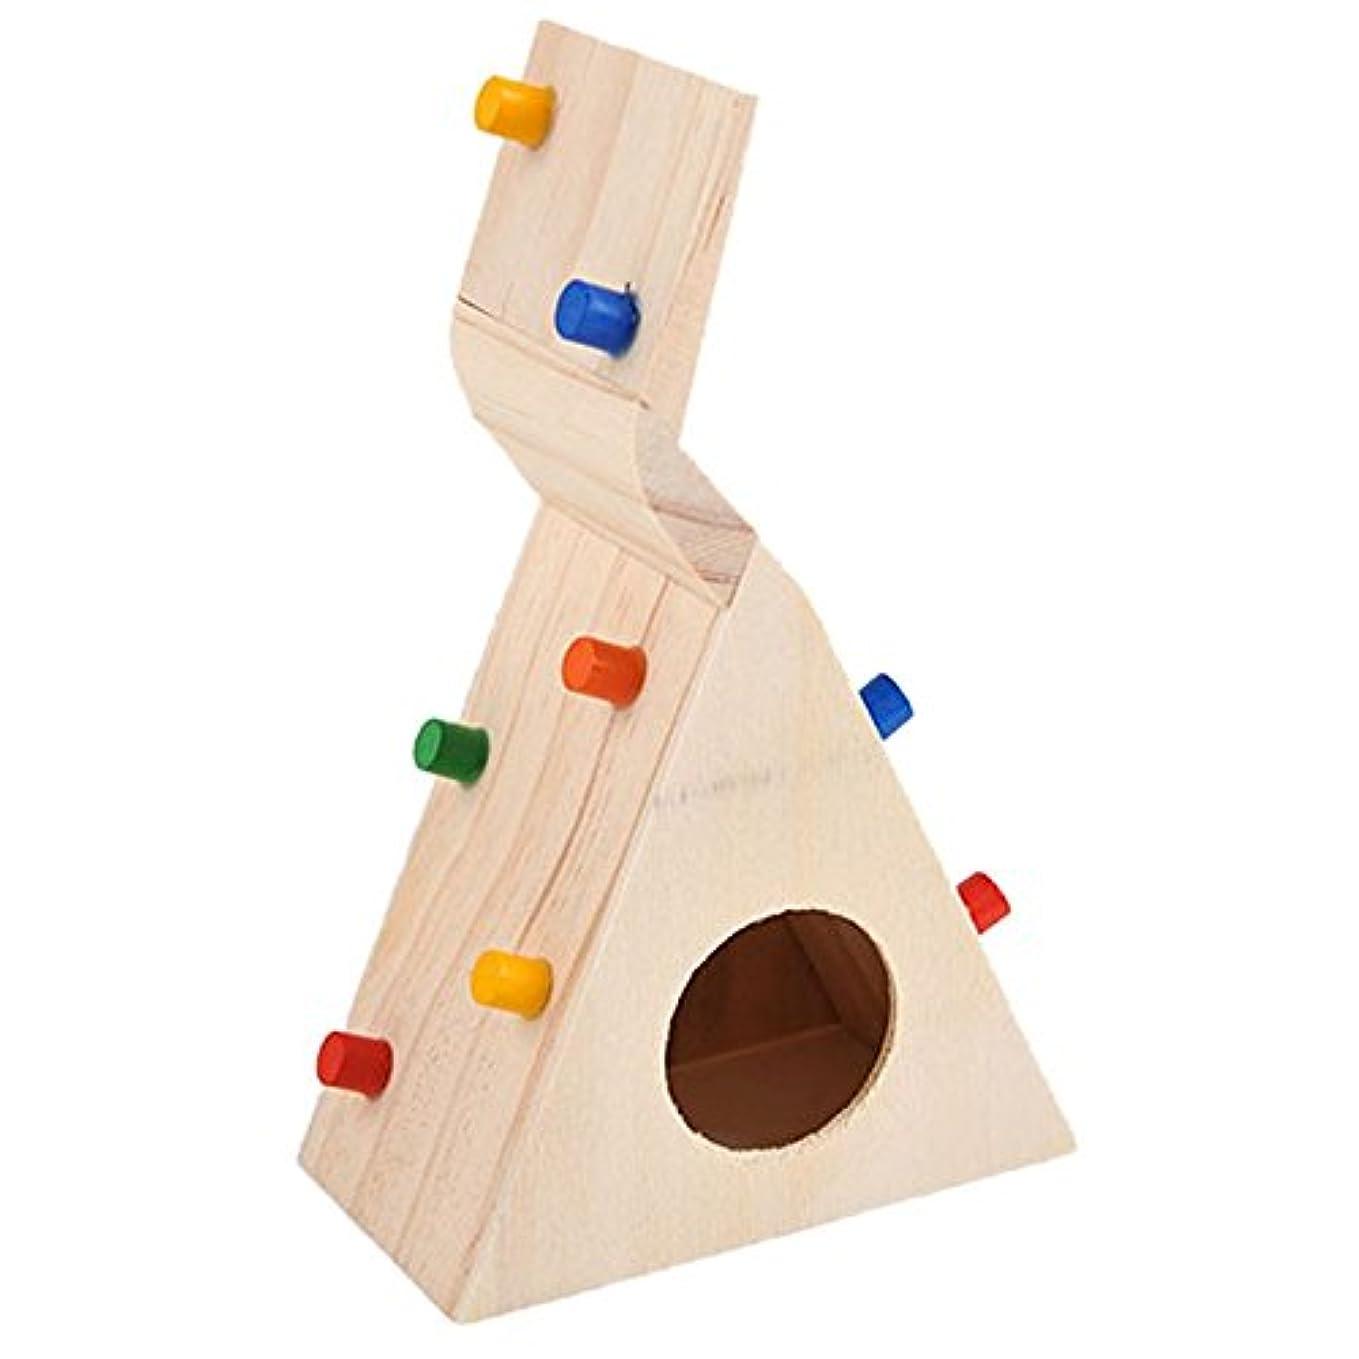 浸食染料進化RETYLY 小さなペット?ハムスター用のアクセサリー クライミング梯子 小さなラット、スナネズミ、ハムスター玩具 ペットのコスチューム店 ハムスターのおもちゃ